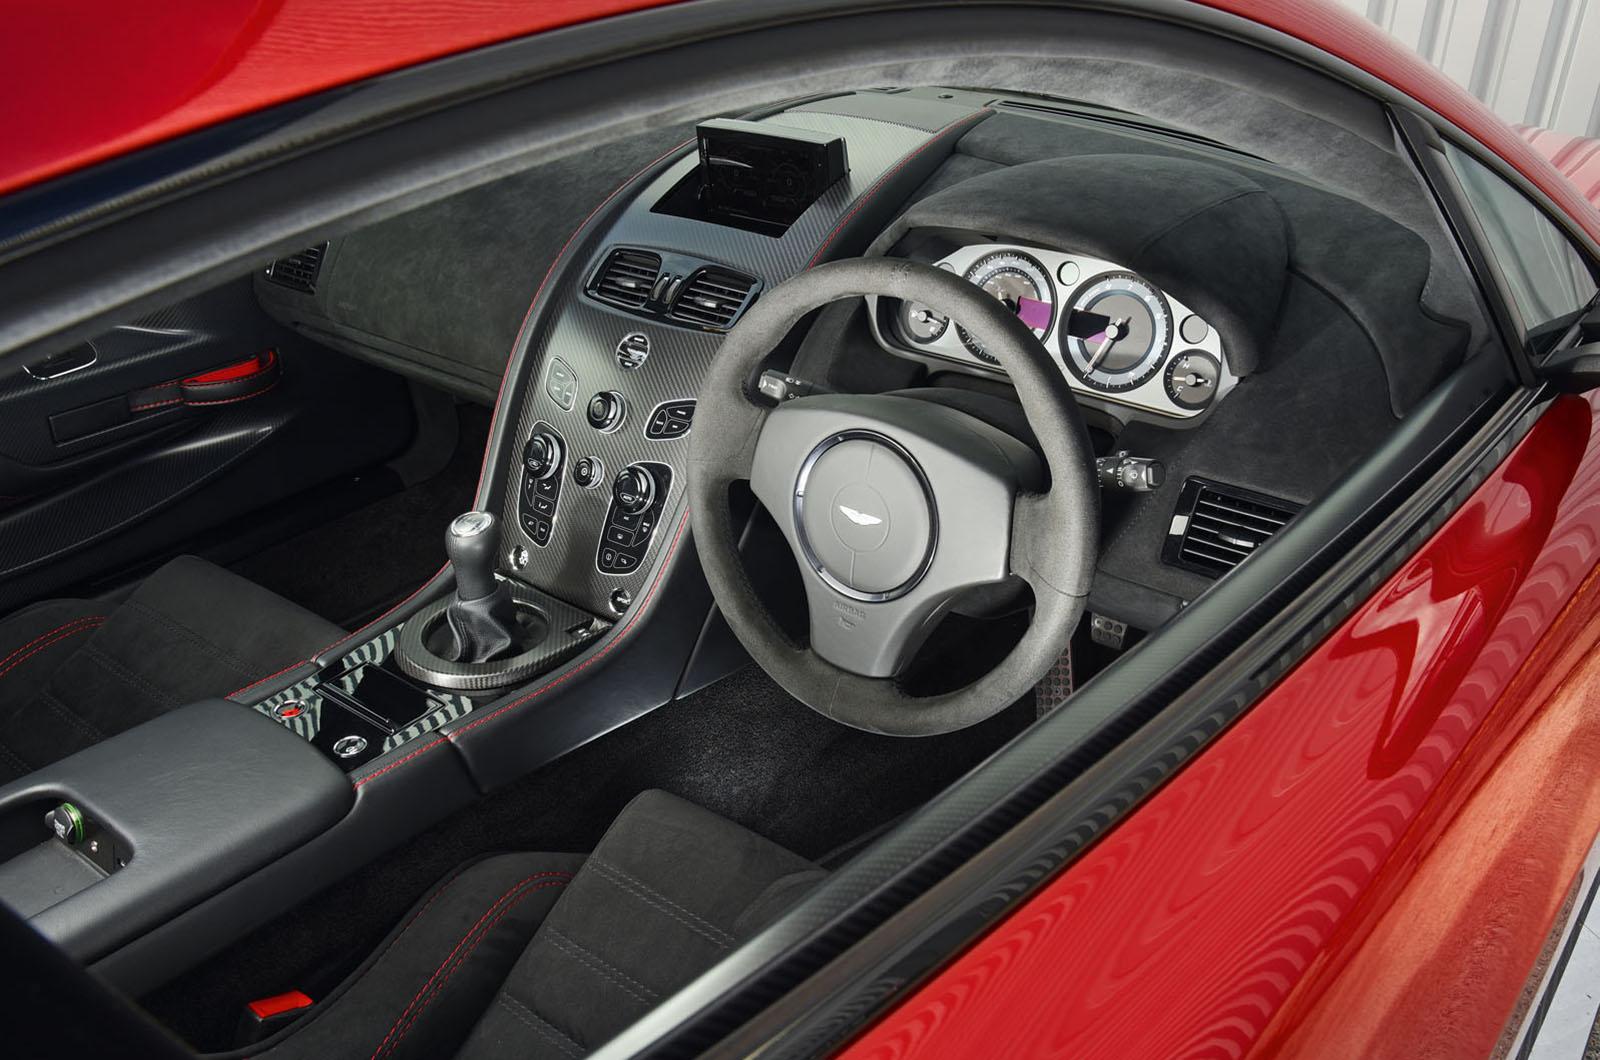 Aston Martin Vantage Gt8 2016 Review 2020 Autocar